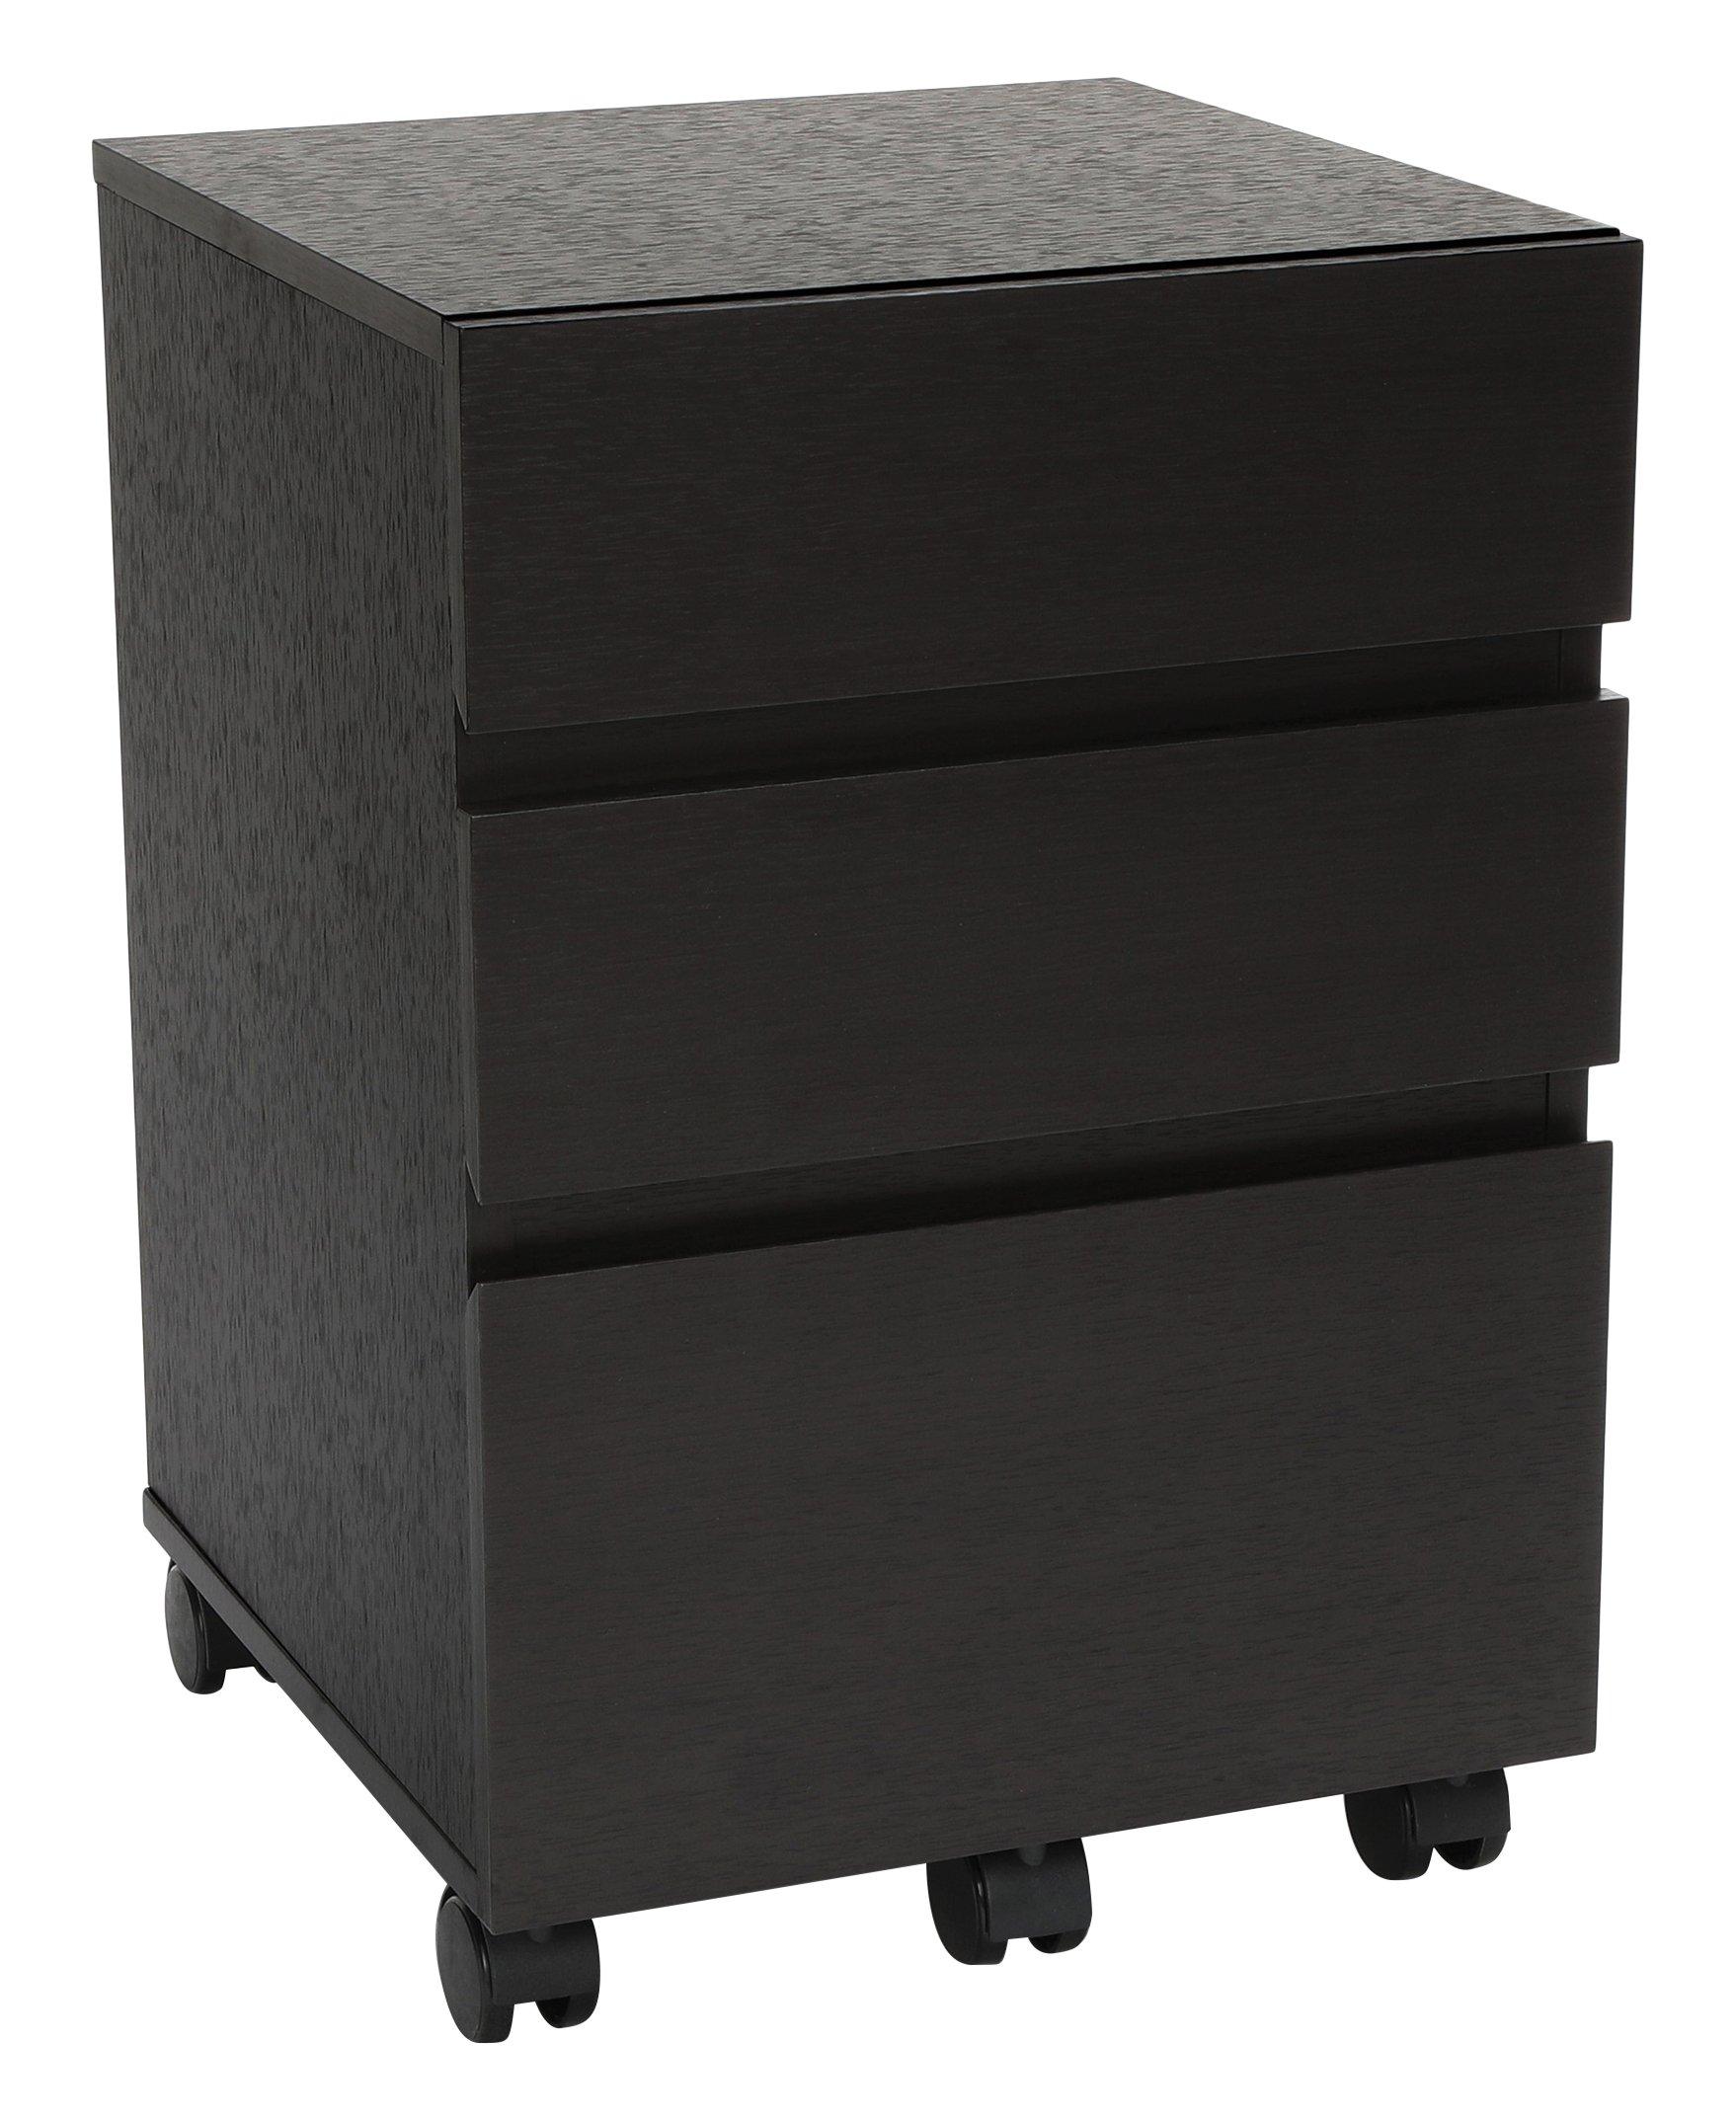 Essentials File Cabinet - 3-Drawer Wheeled Mobile Pedestal Cabinet, Espresso (ESS-1030-ESP) by OFM (Image #2)